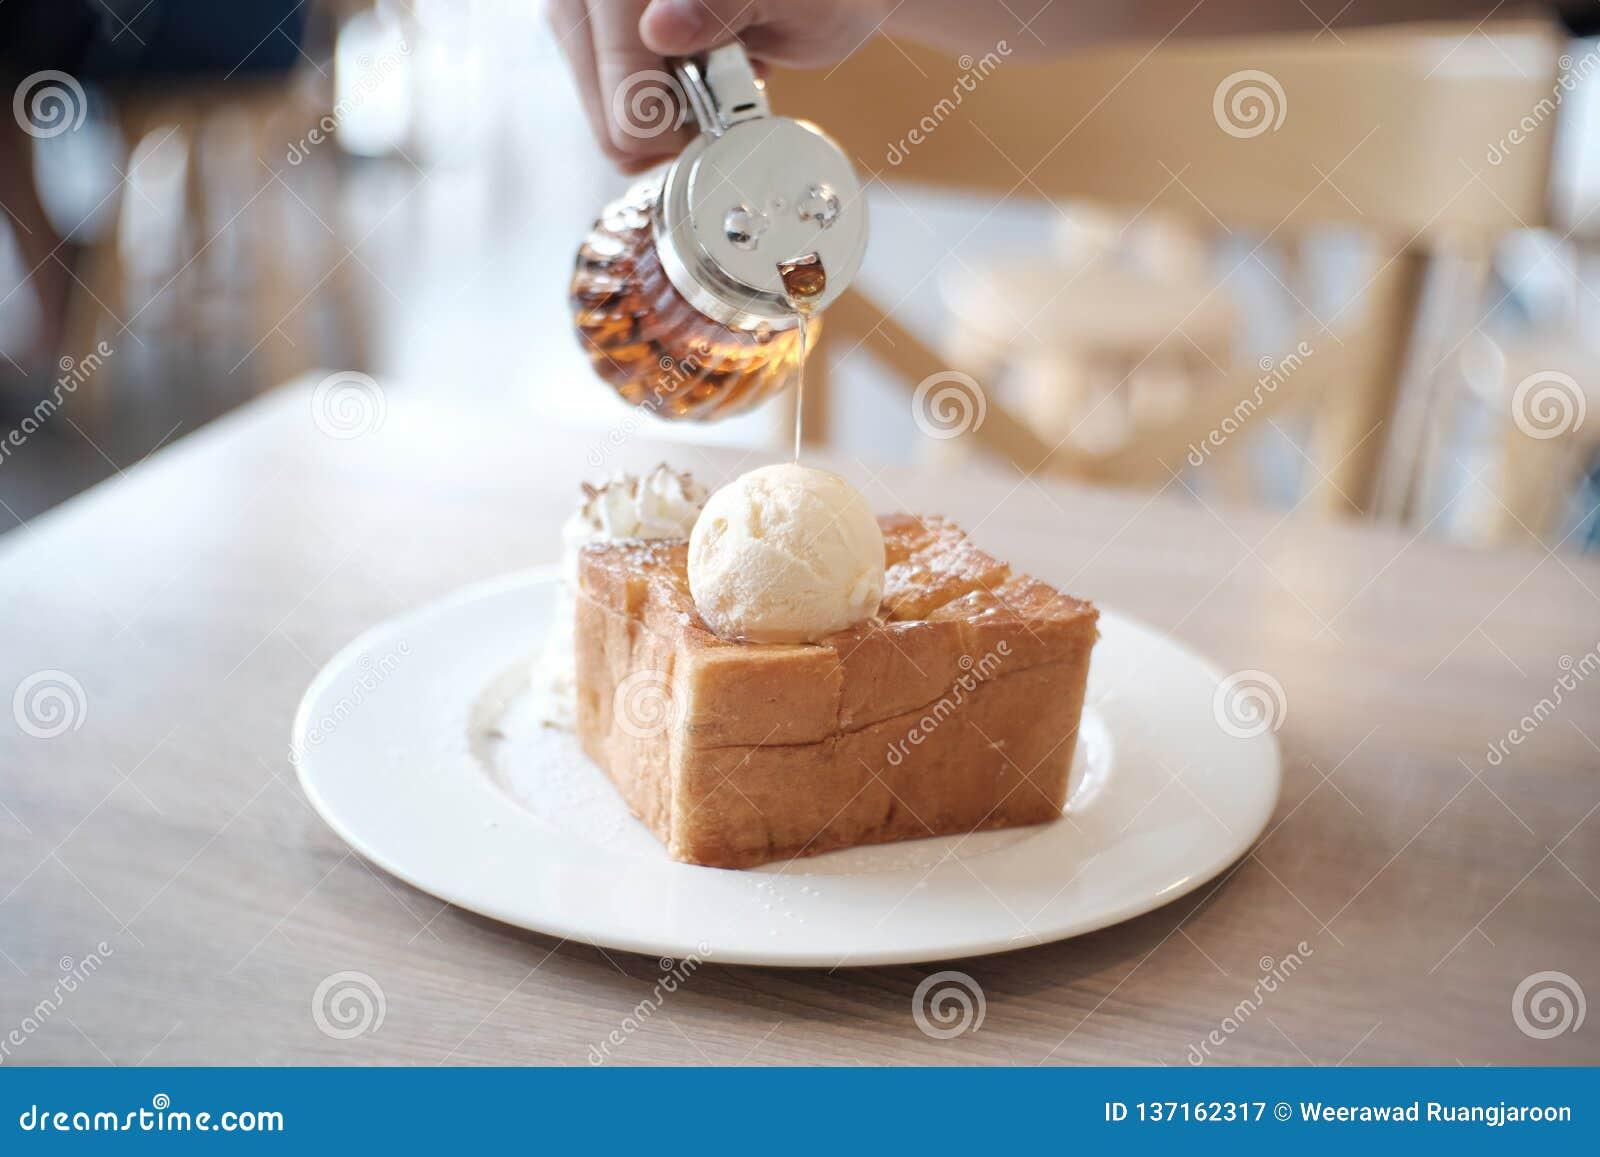 Φρυγανιά μελιού με το παγωτό βανίλιας και κτυπημένη κρέμα στο άσπρο πιάτο